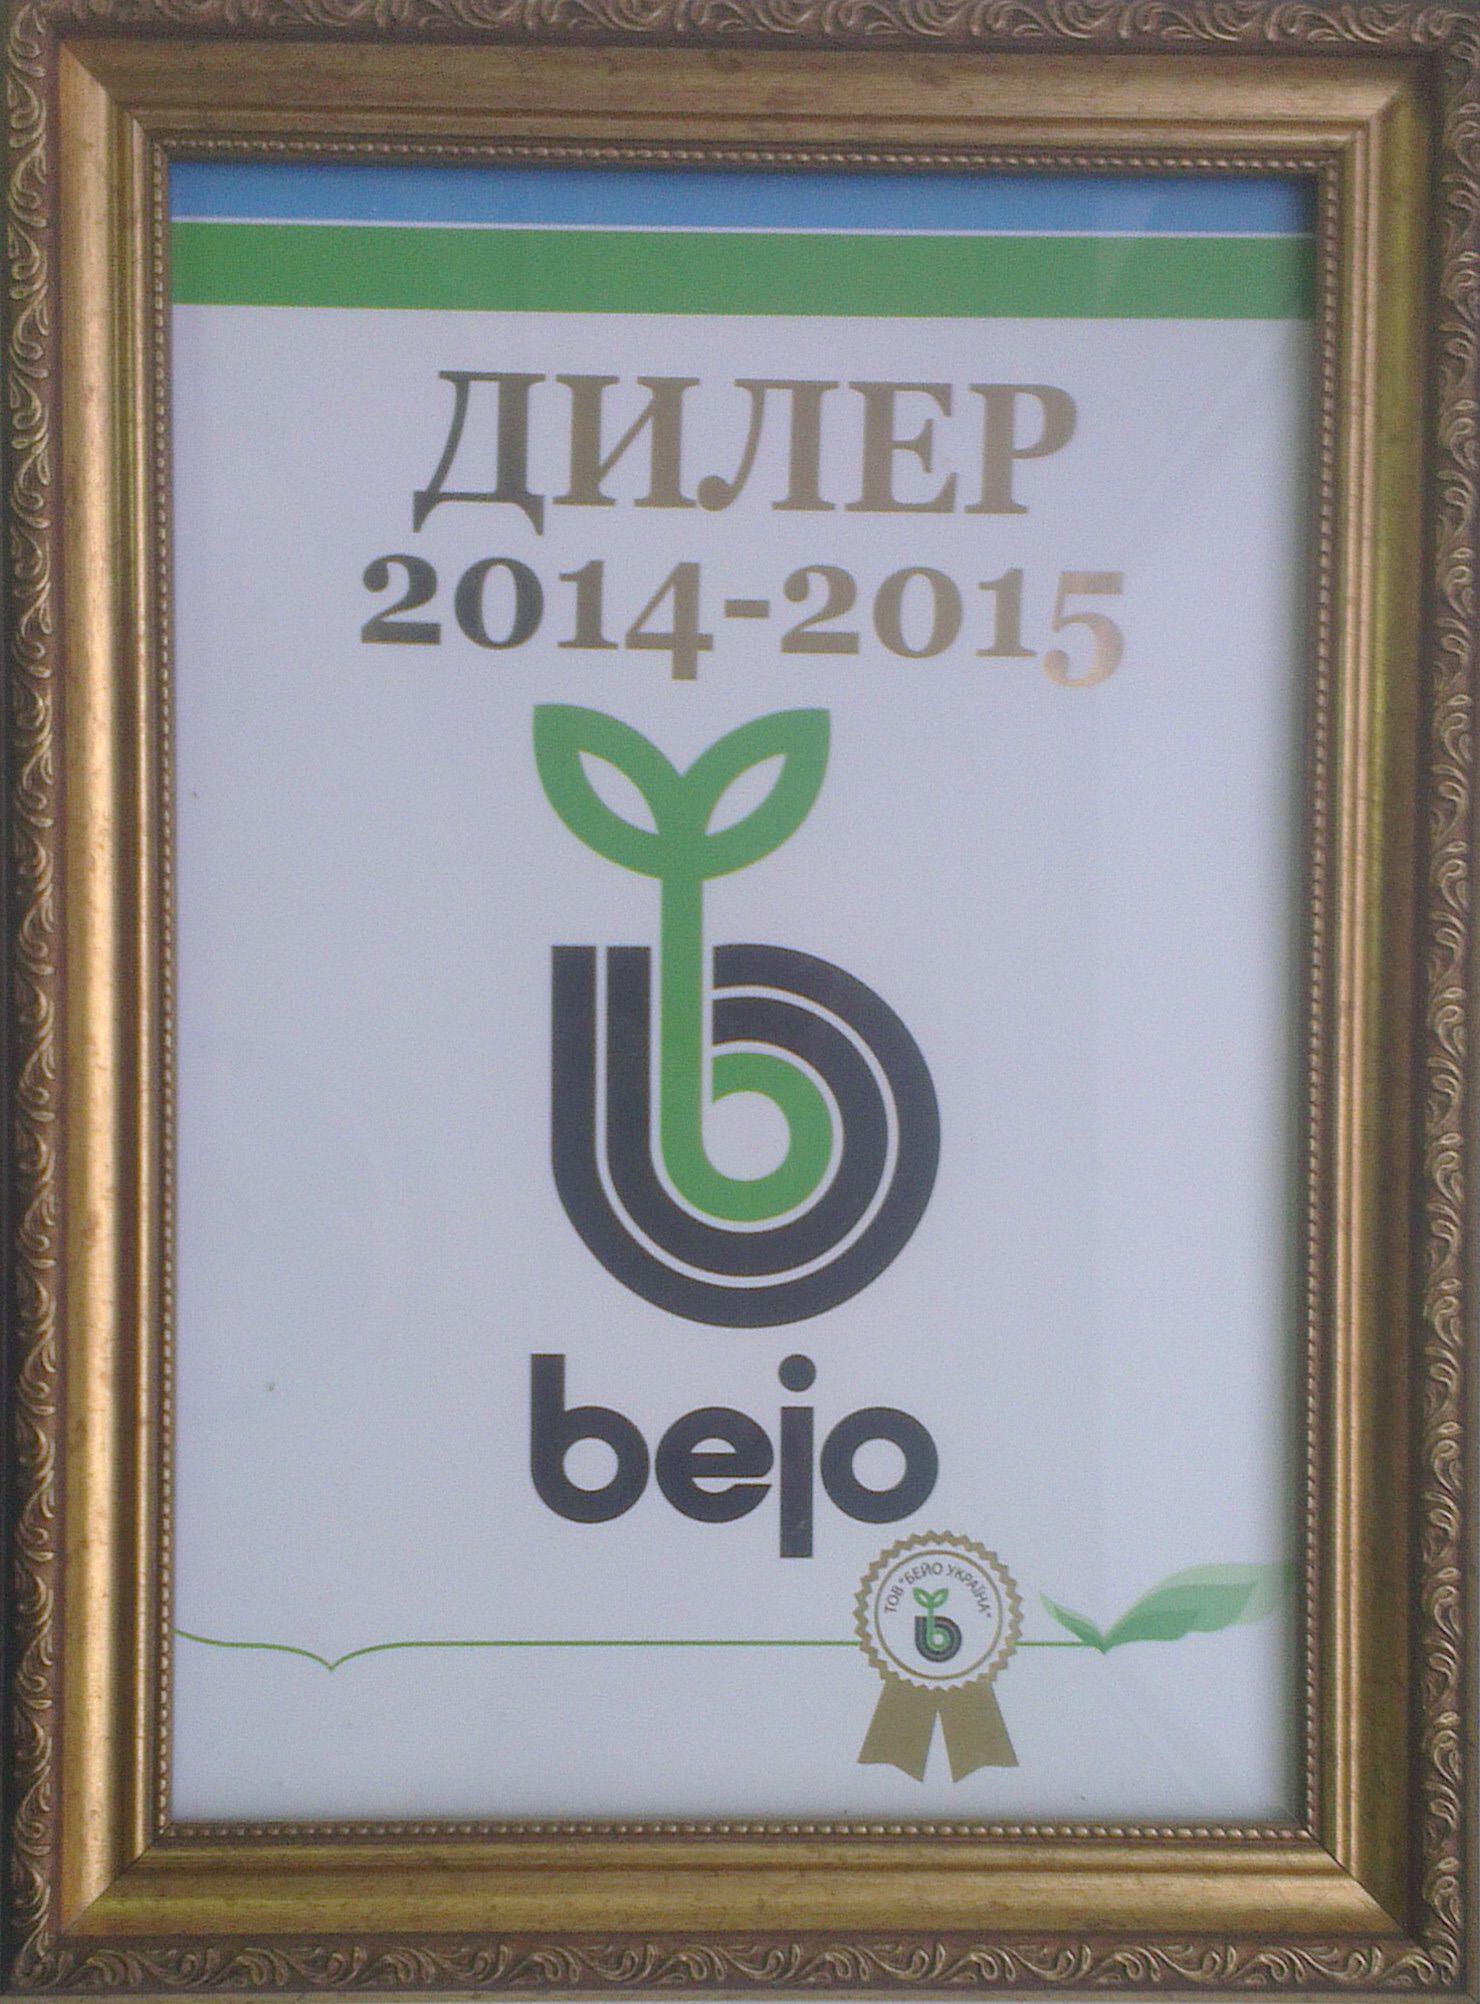 Диллер 2014-2015 Bejo